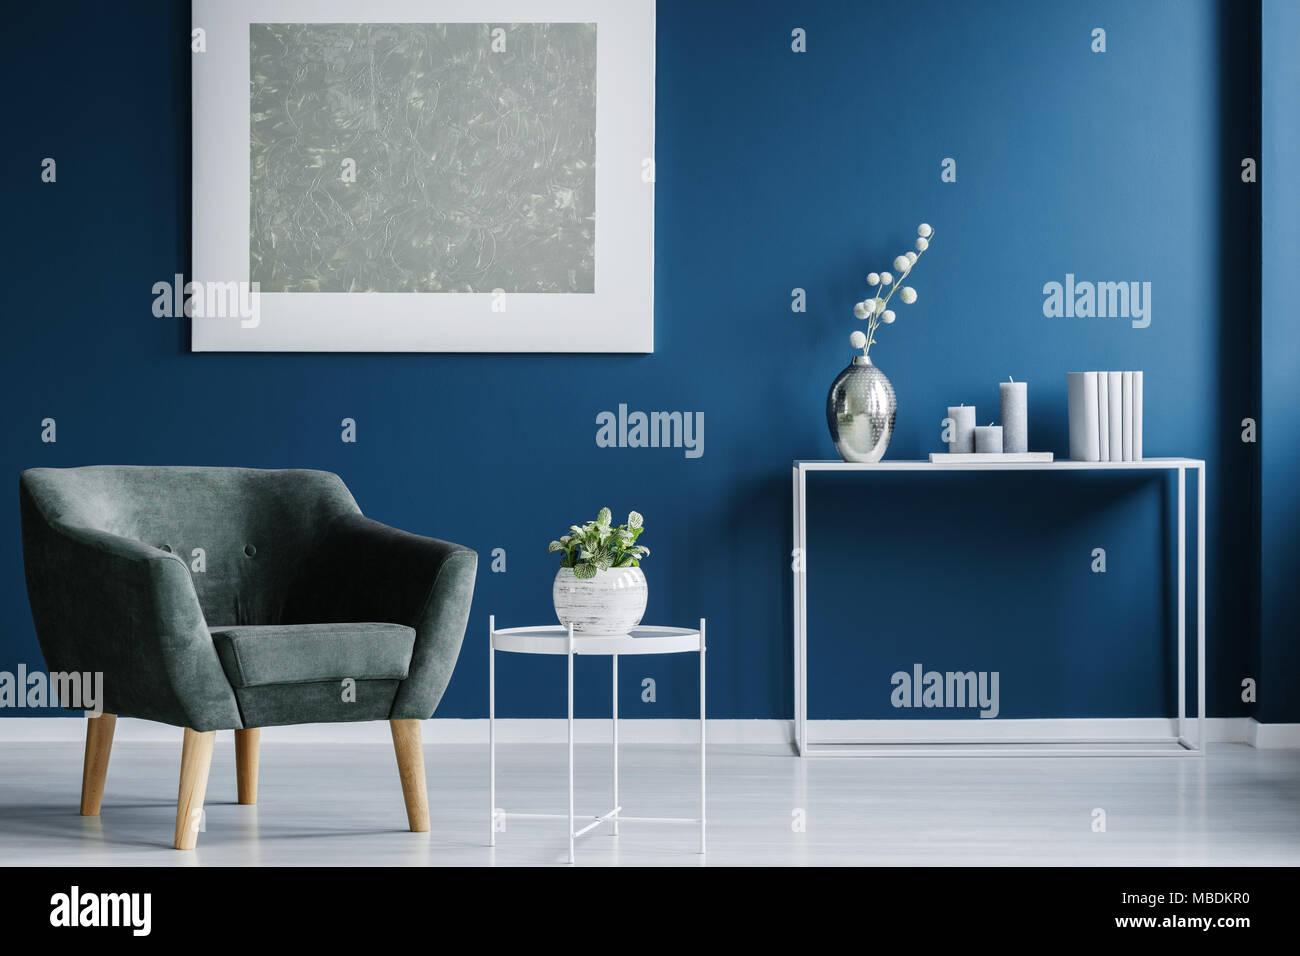 Fauteuil Vert Contre Le Mur Avec La Peinture Argent Bleu Marine